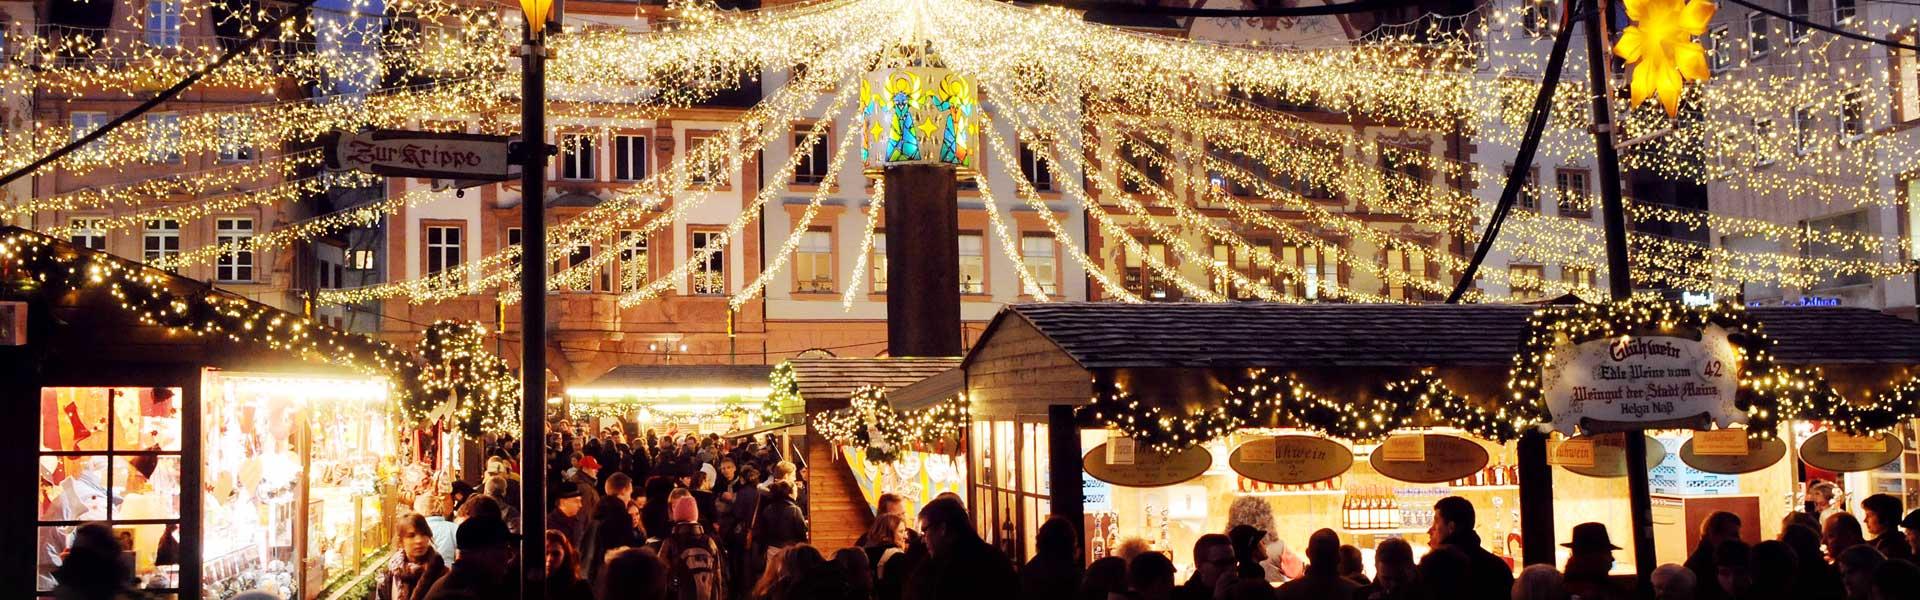 Mainz leuchtet im Advent